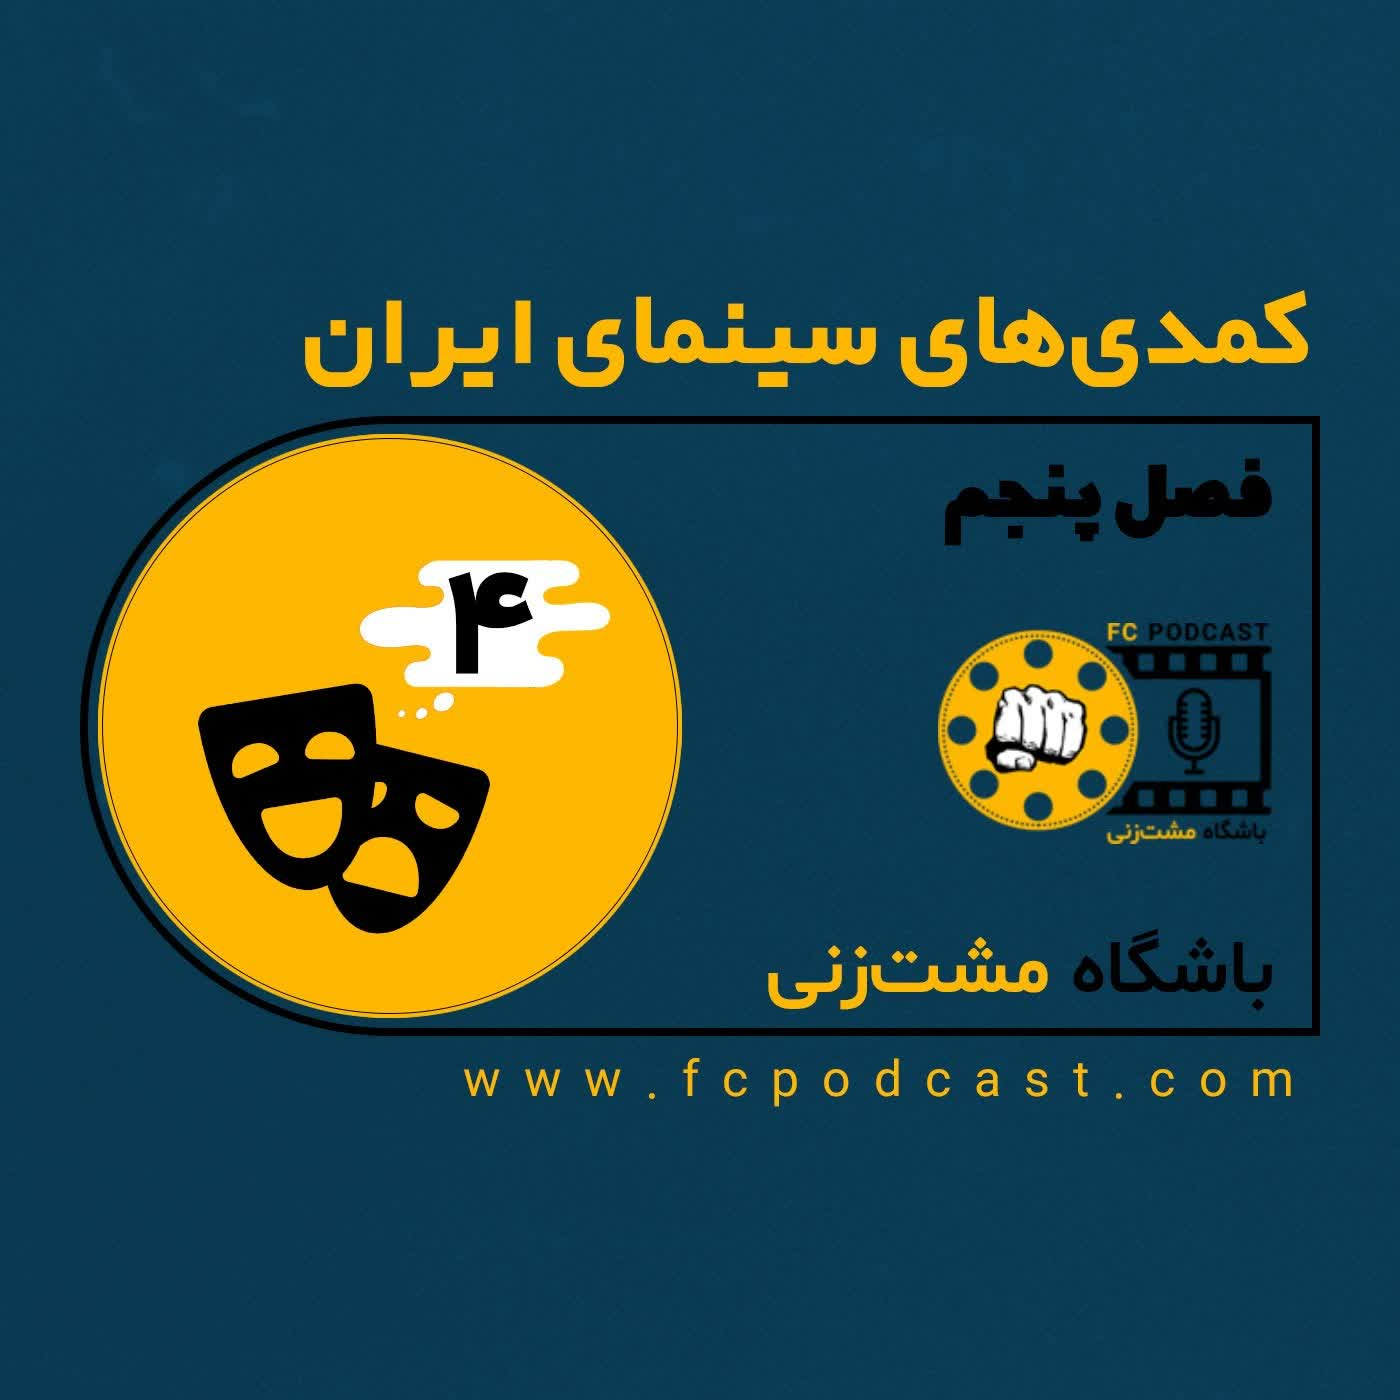 فصل پنجم (کمدی های سینمای ایران) - اپیزود چهارم